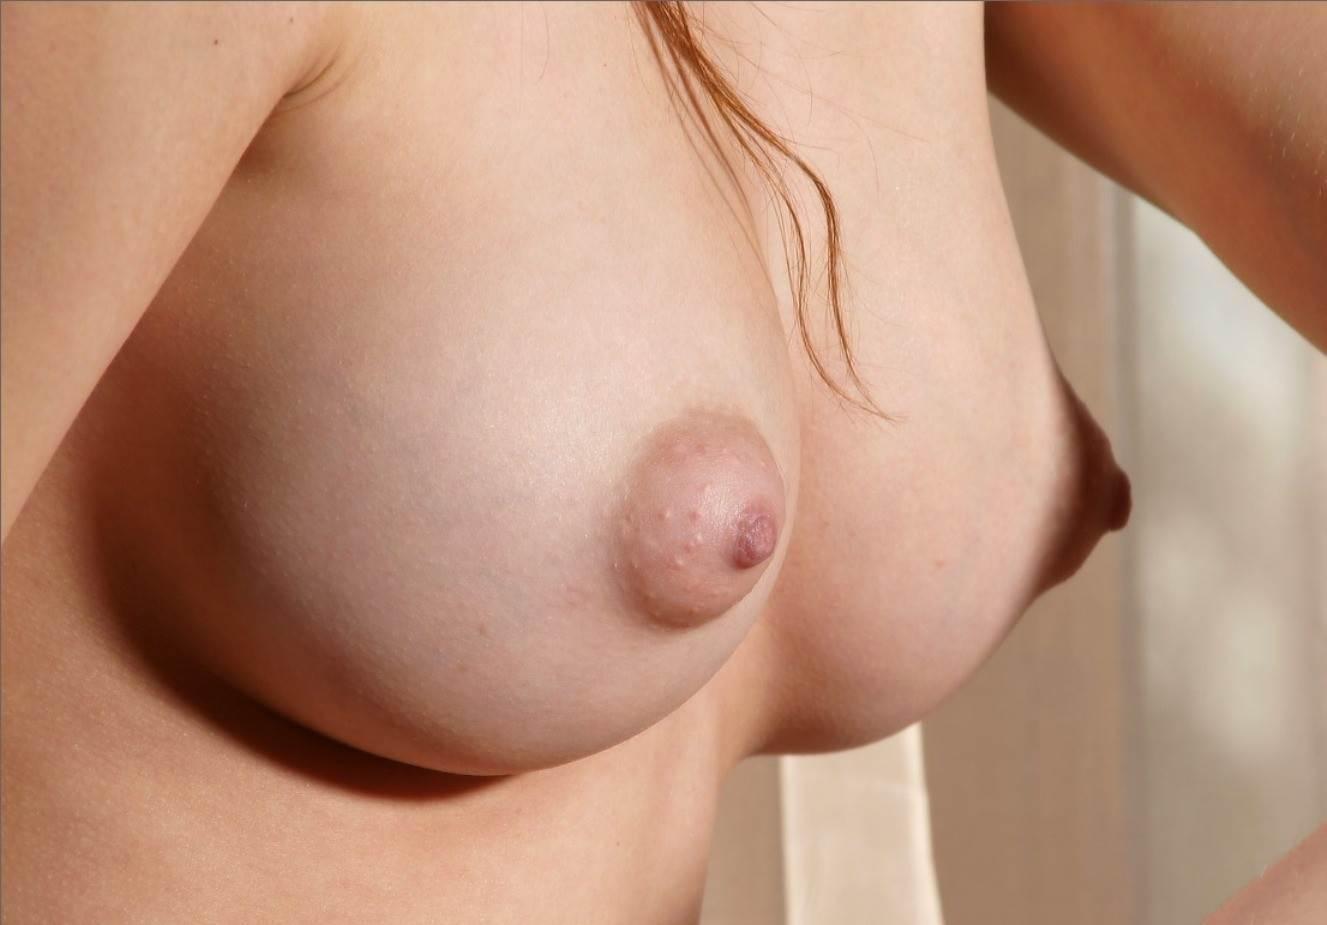 Розовые соски набухшие, Соски - порно с торчащими женскими сосочками на 24 1 фотография